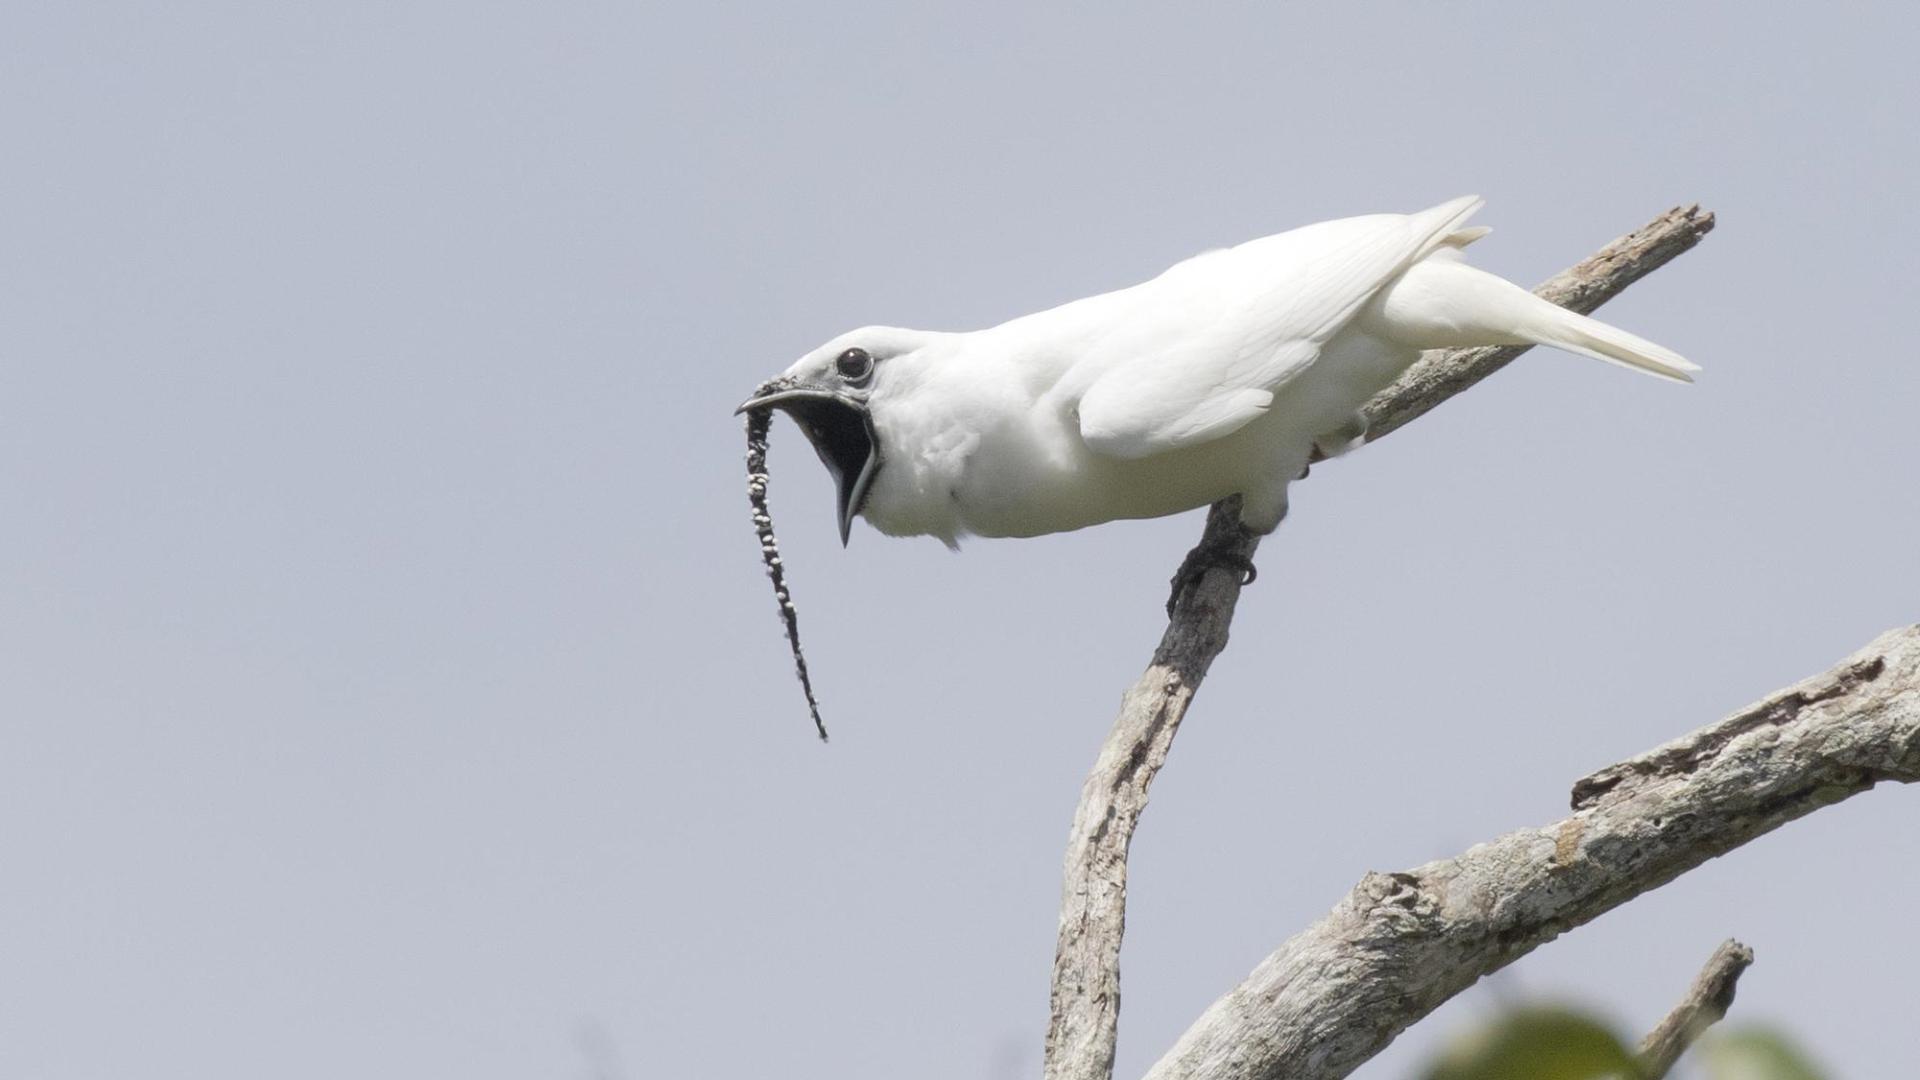 Самые громкие птицы живут в Южной Америке. Зафиксирован новый рекорд громкости